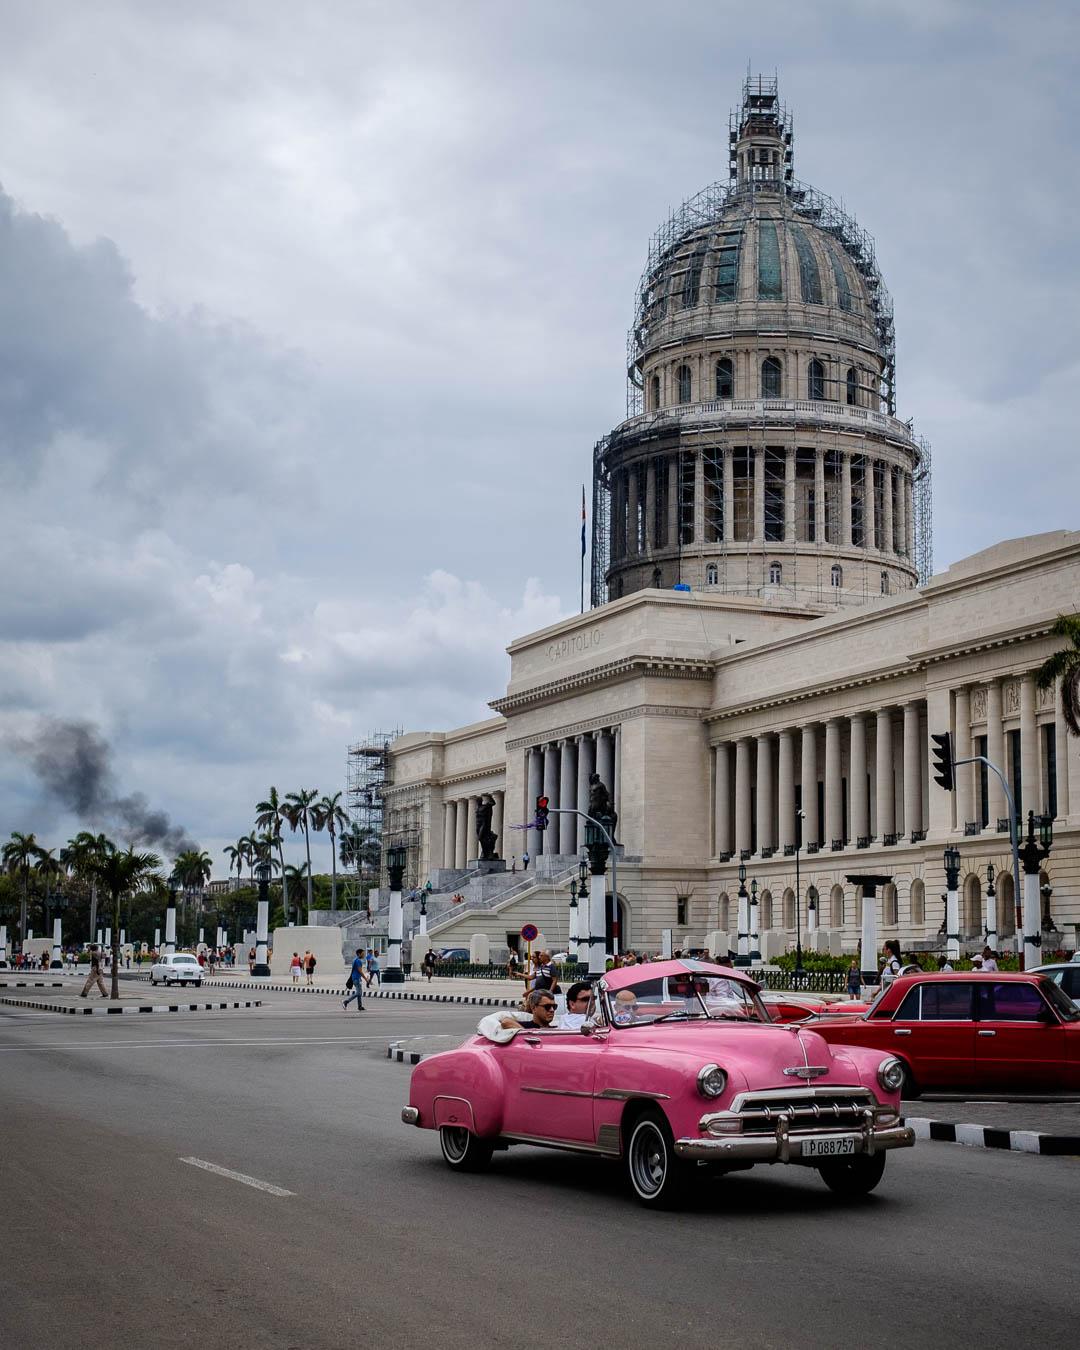 180427-Havana-123-1080.jpg